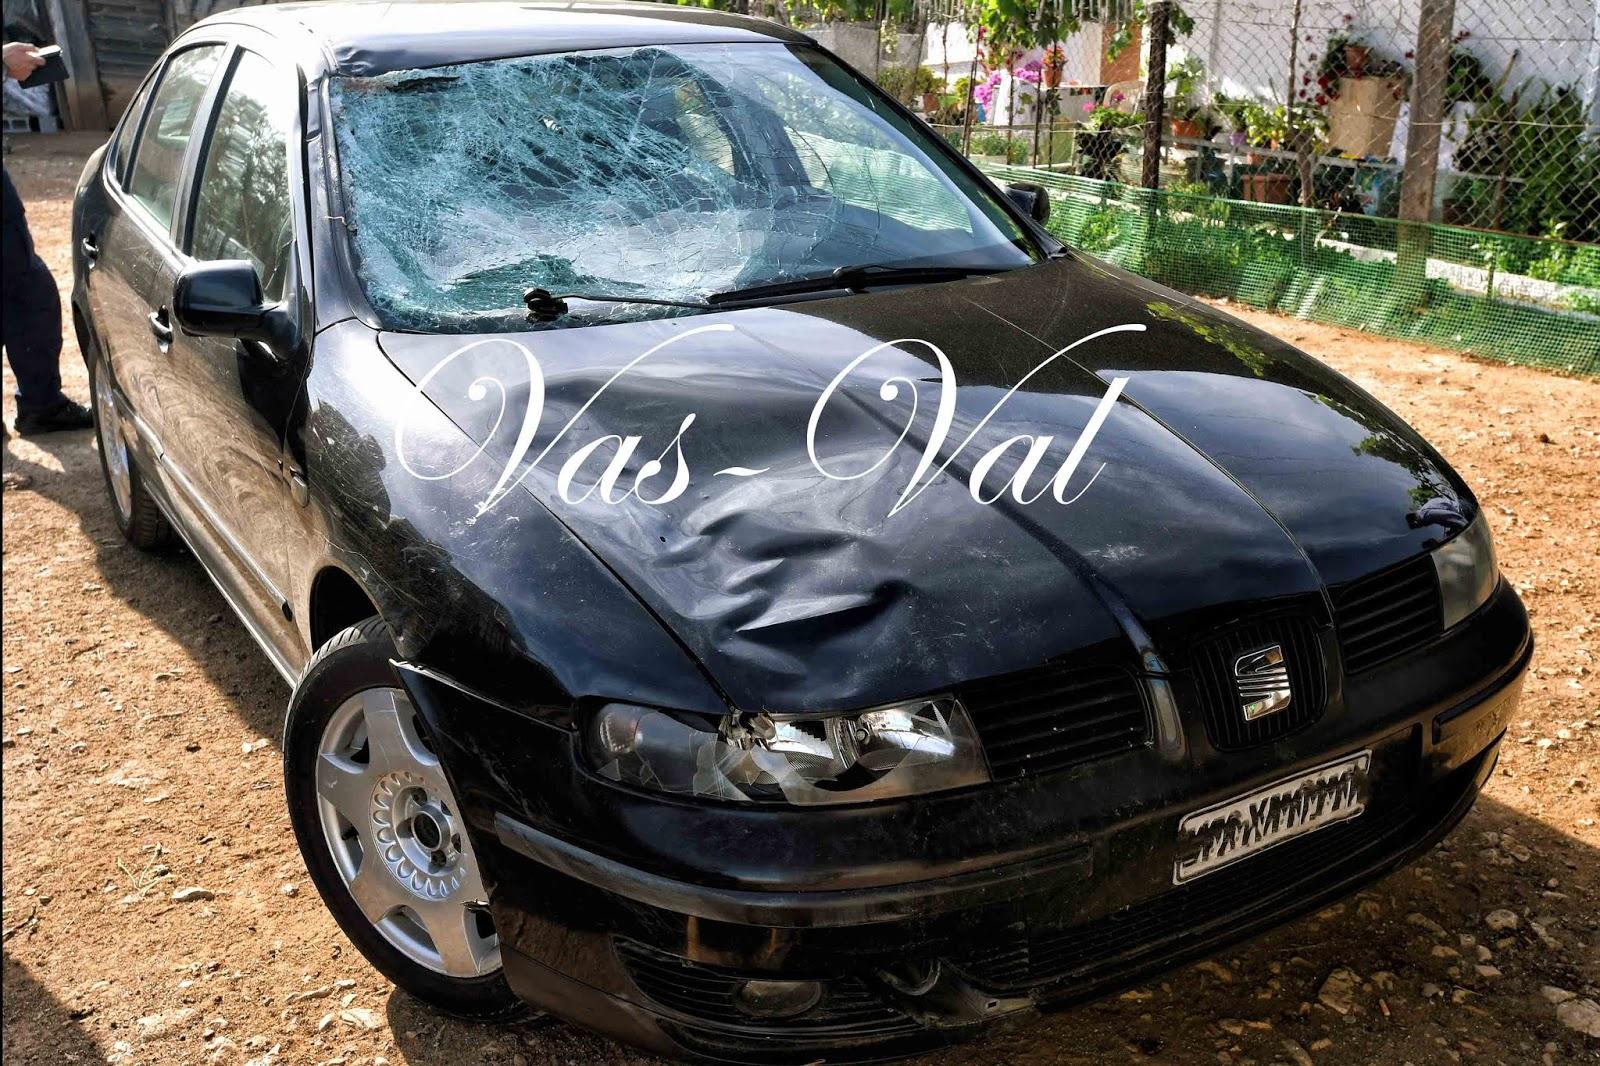 Taksisti nga Vlora përplas për vdekje 15-vjeçarin në Greqi dhe ia mbath, arrestohet pas ndjekjes